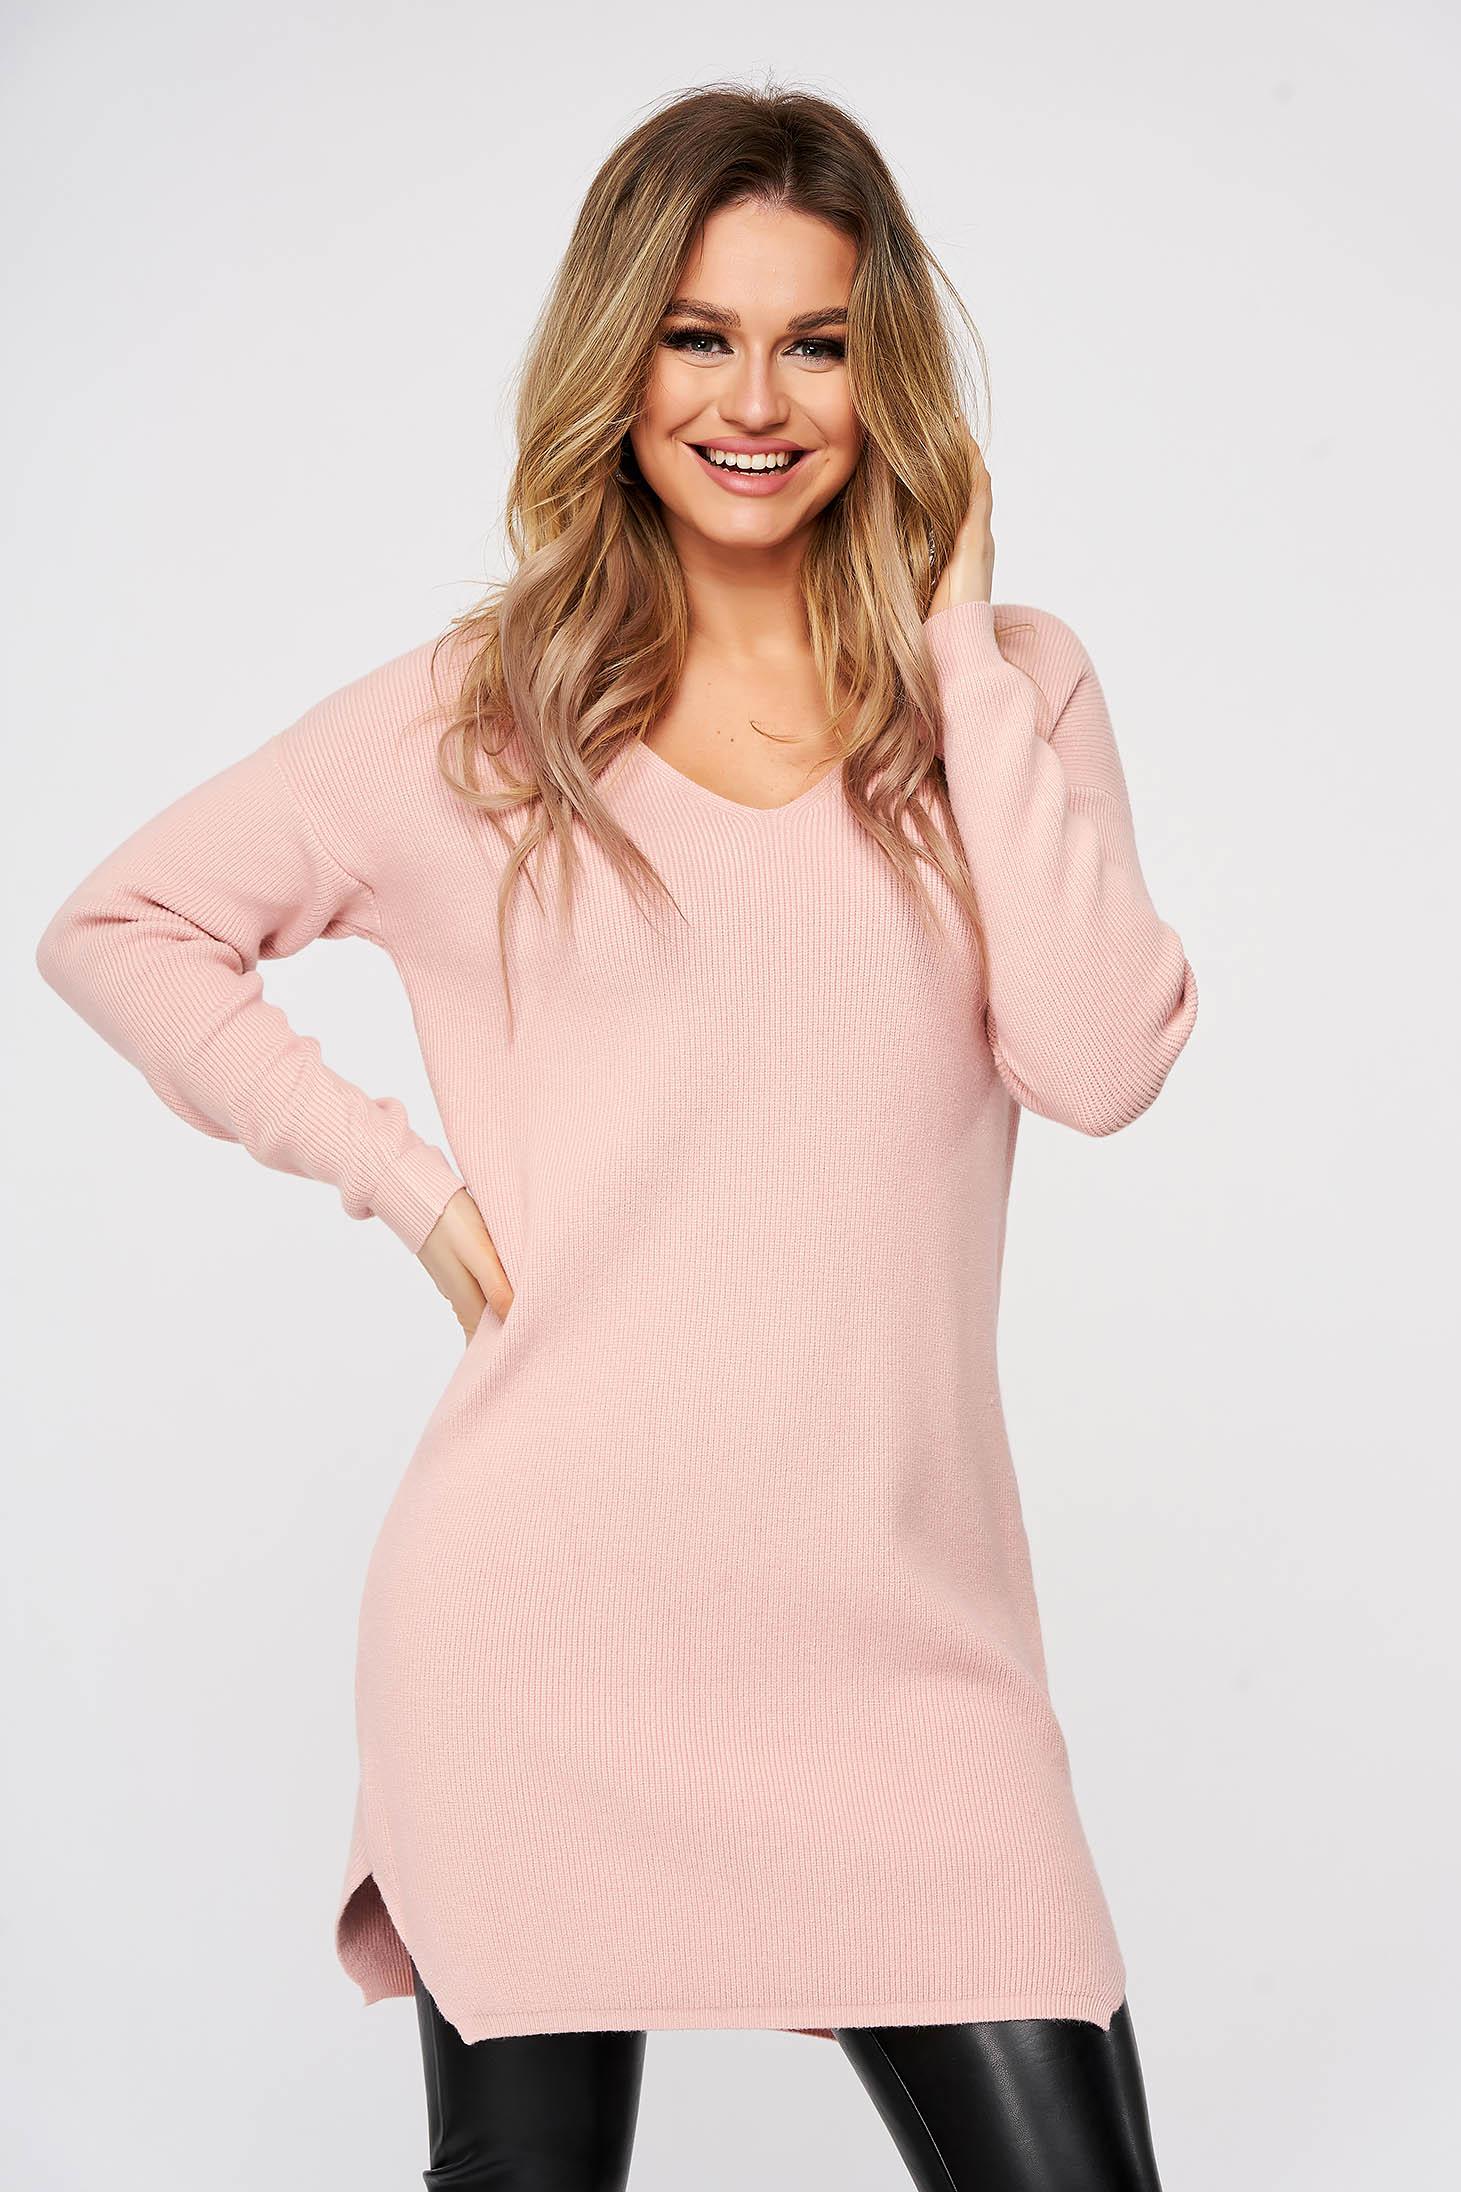 Bluza SunShine roz tricotat din material reiat elastic si fin slit lateral cu decolteu in v